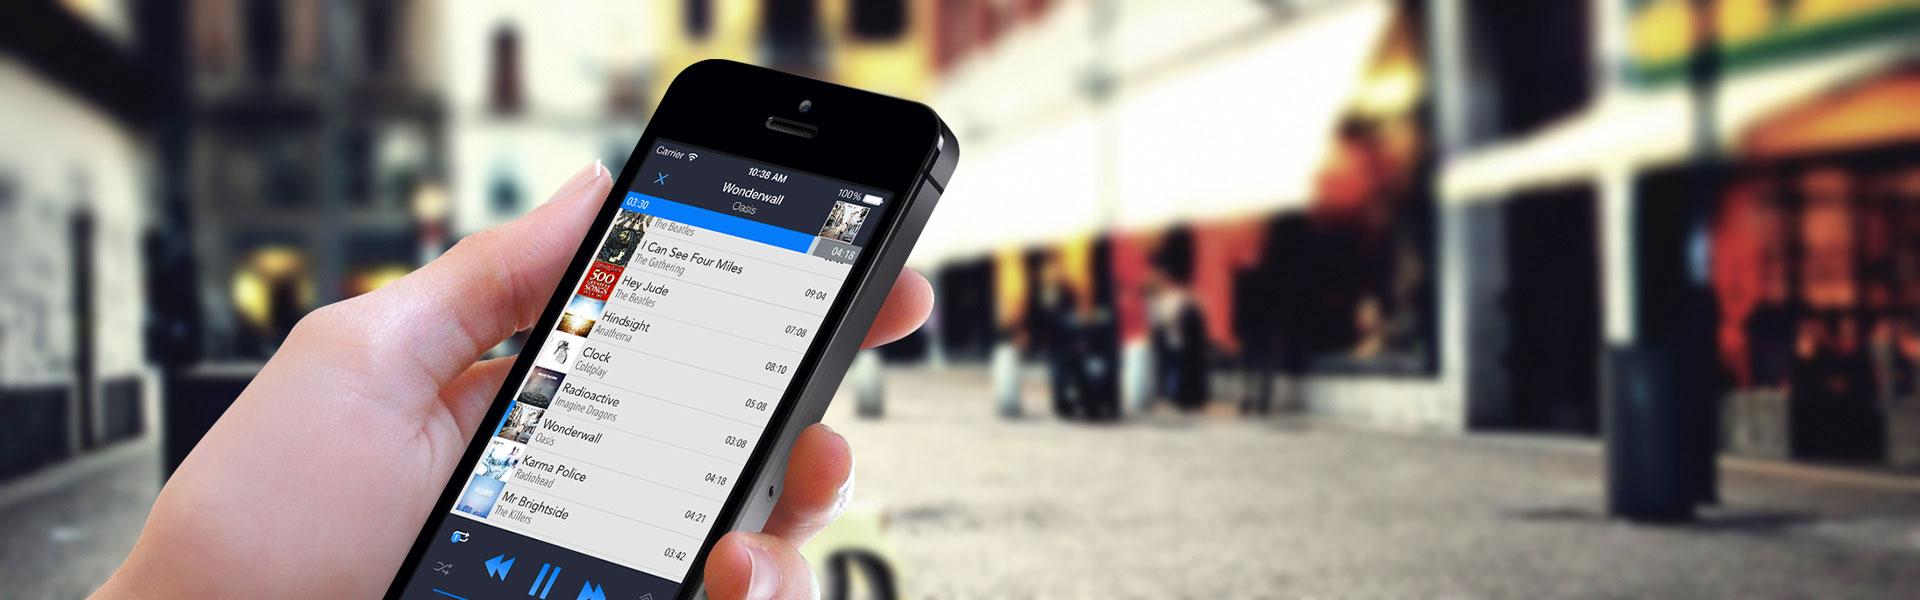 CloudBeats App — Tools and Toys